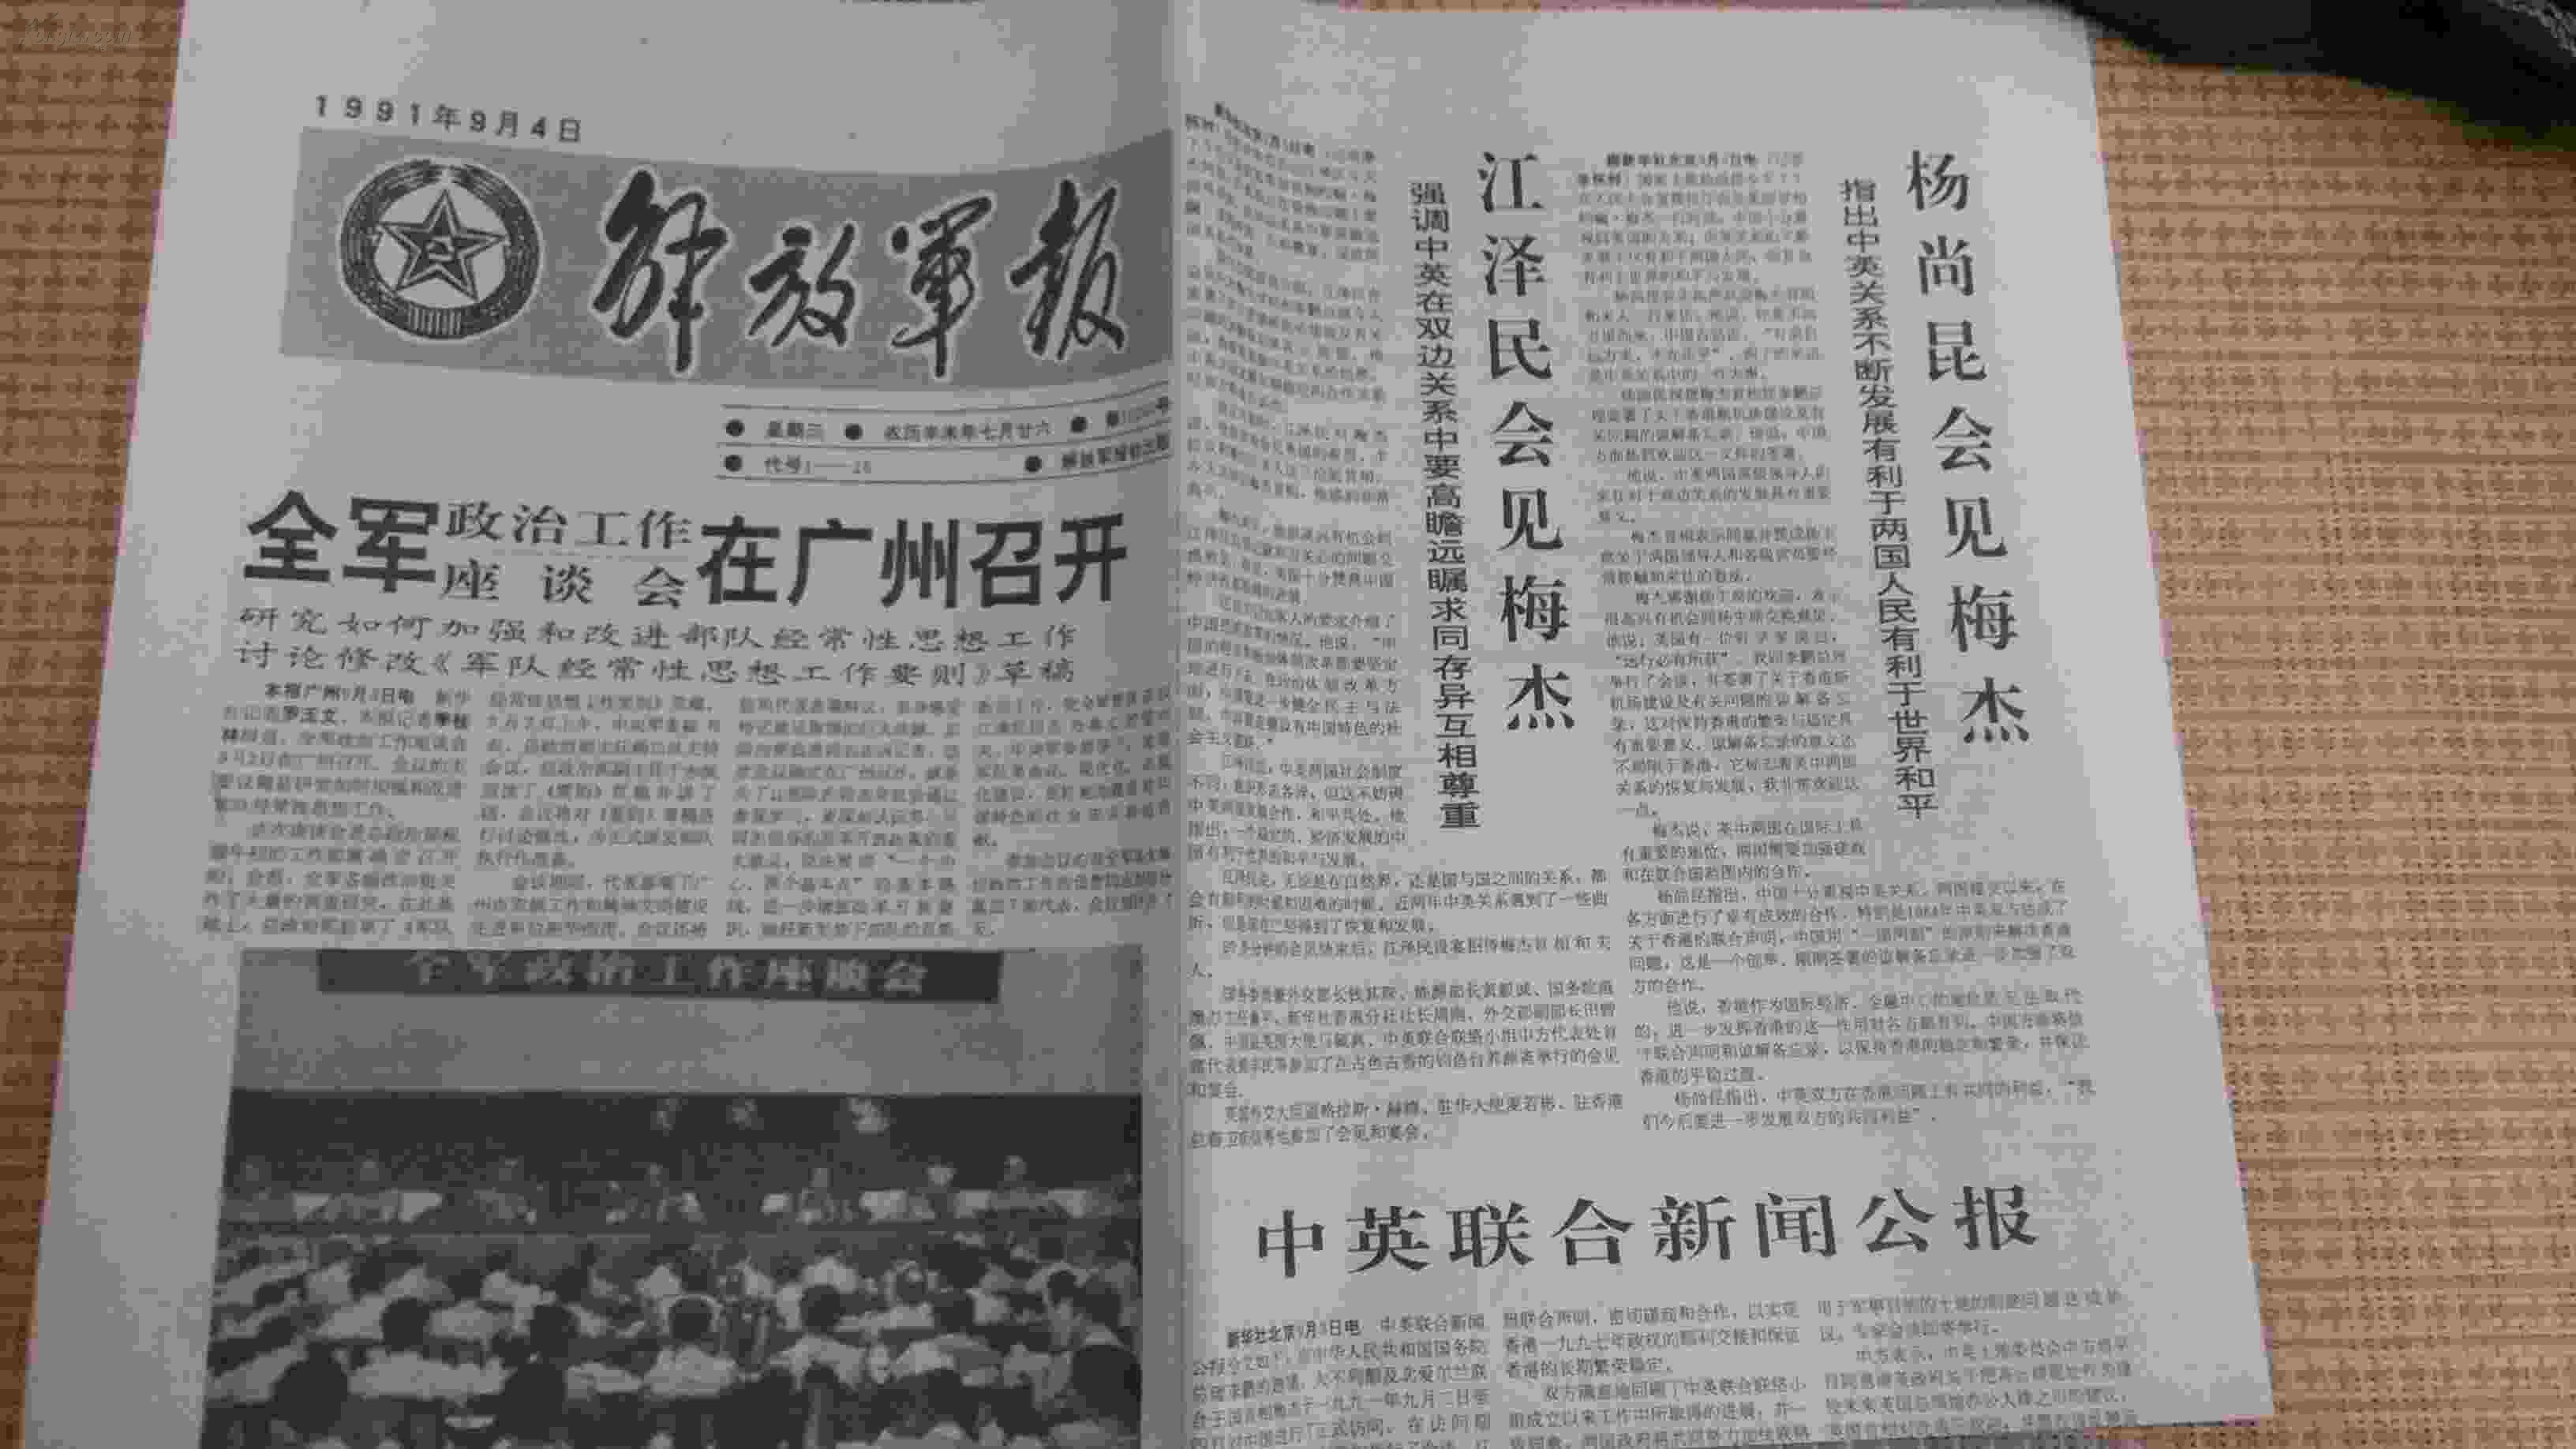 解放军报(1991年9月4日)